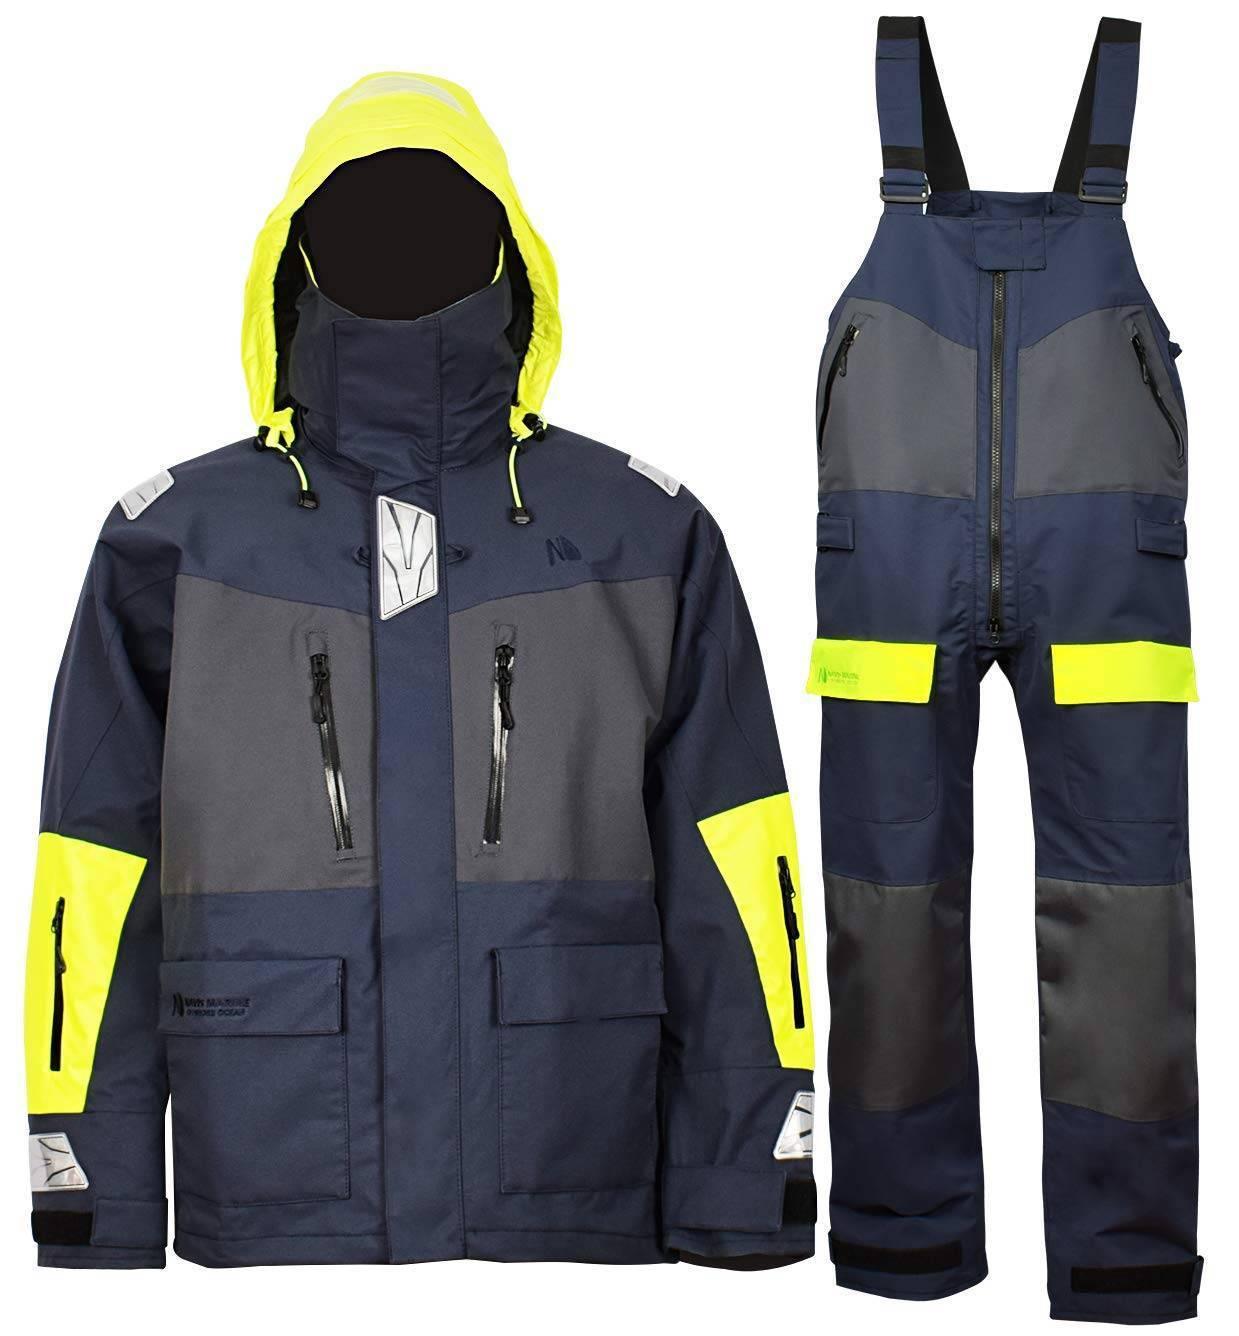 Комбинезоны для рыбалки: как выбрать рыбацкий водонепроницаемый комбинезон? резиновый костюм-поплавок, пвх с капюшоном и флисовый, неопреновый и другие виды